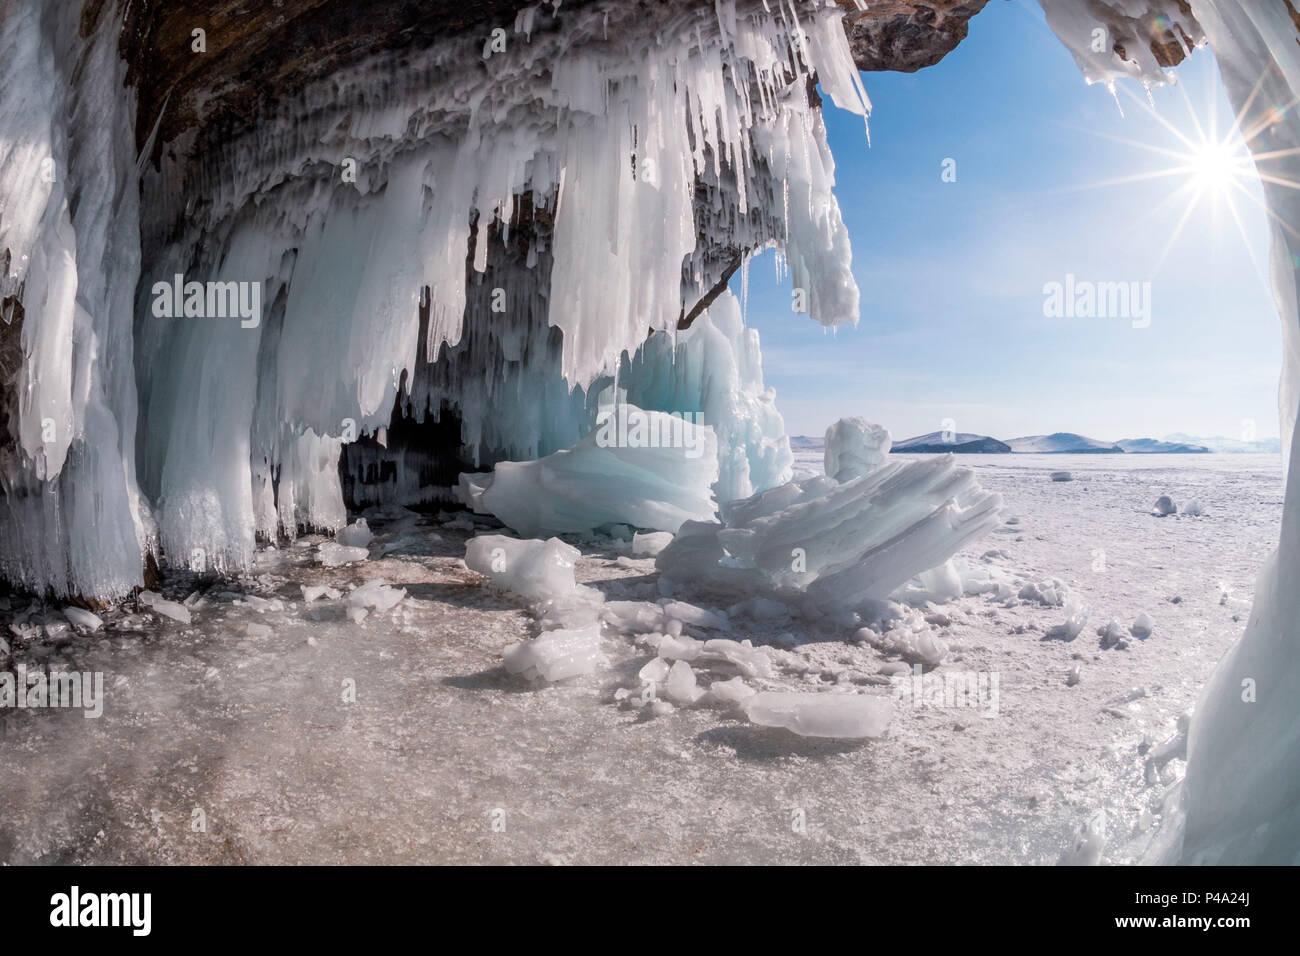 Stalactites de glace dans une caverne à la rive du lac Bajkal, région d'Irkoutsk, en Sibérie, Russie Photo Stock